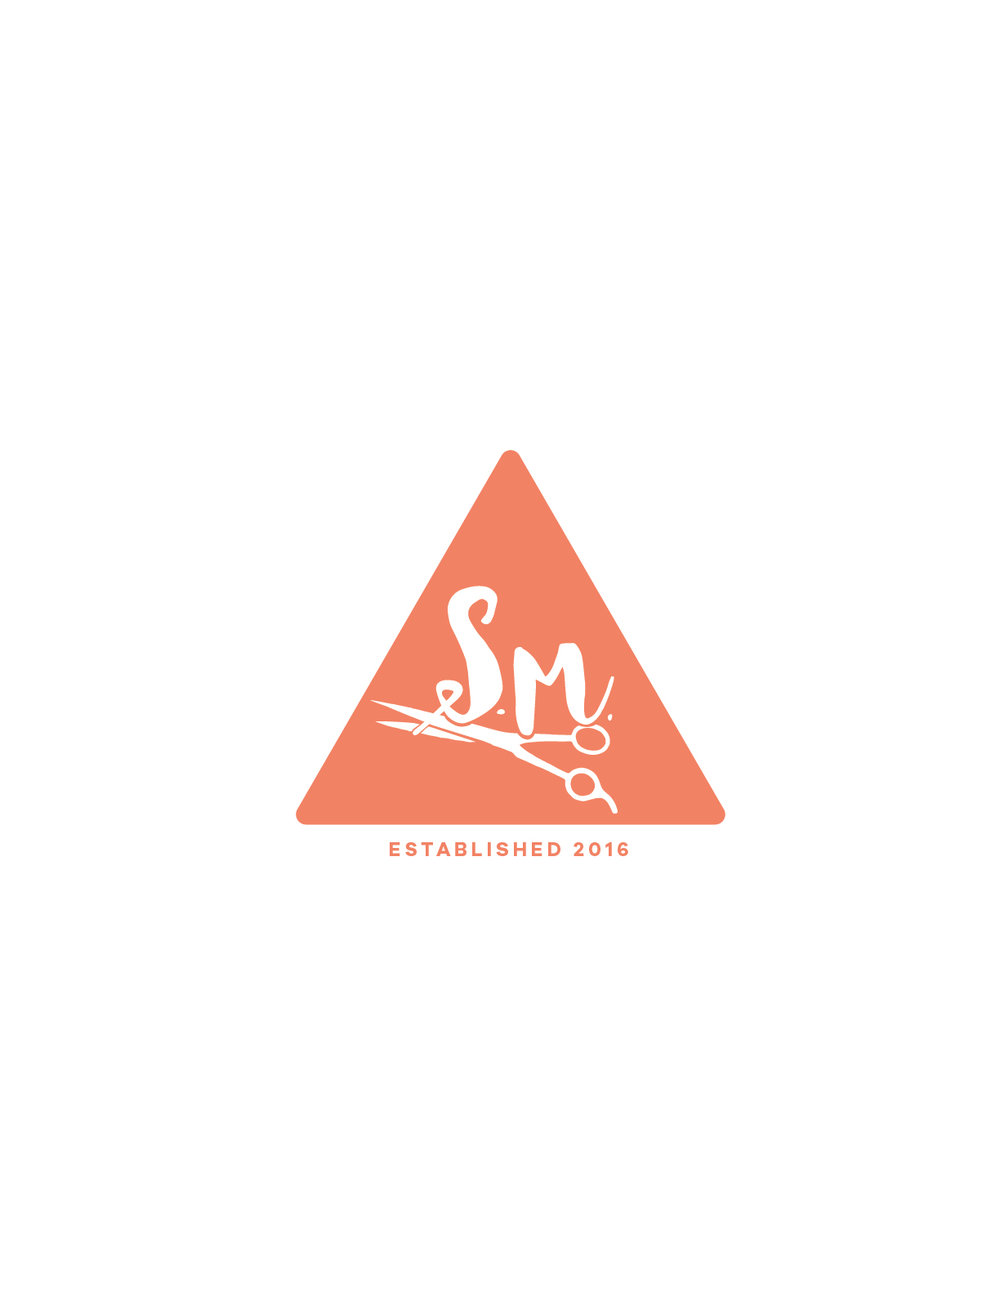 the-four-design-sammi-mac-logo-concepts-10.jpg